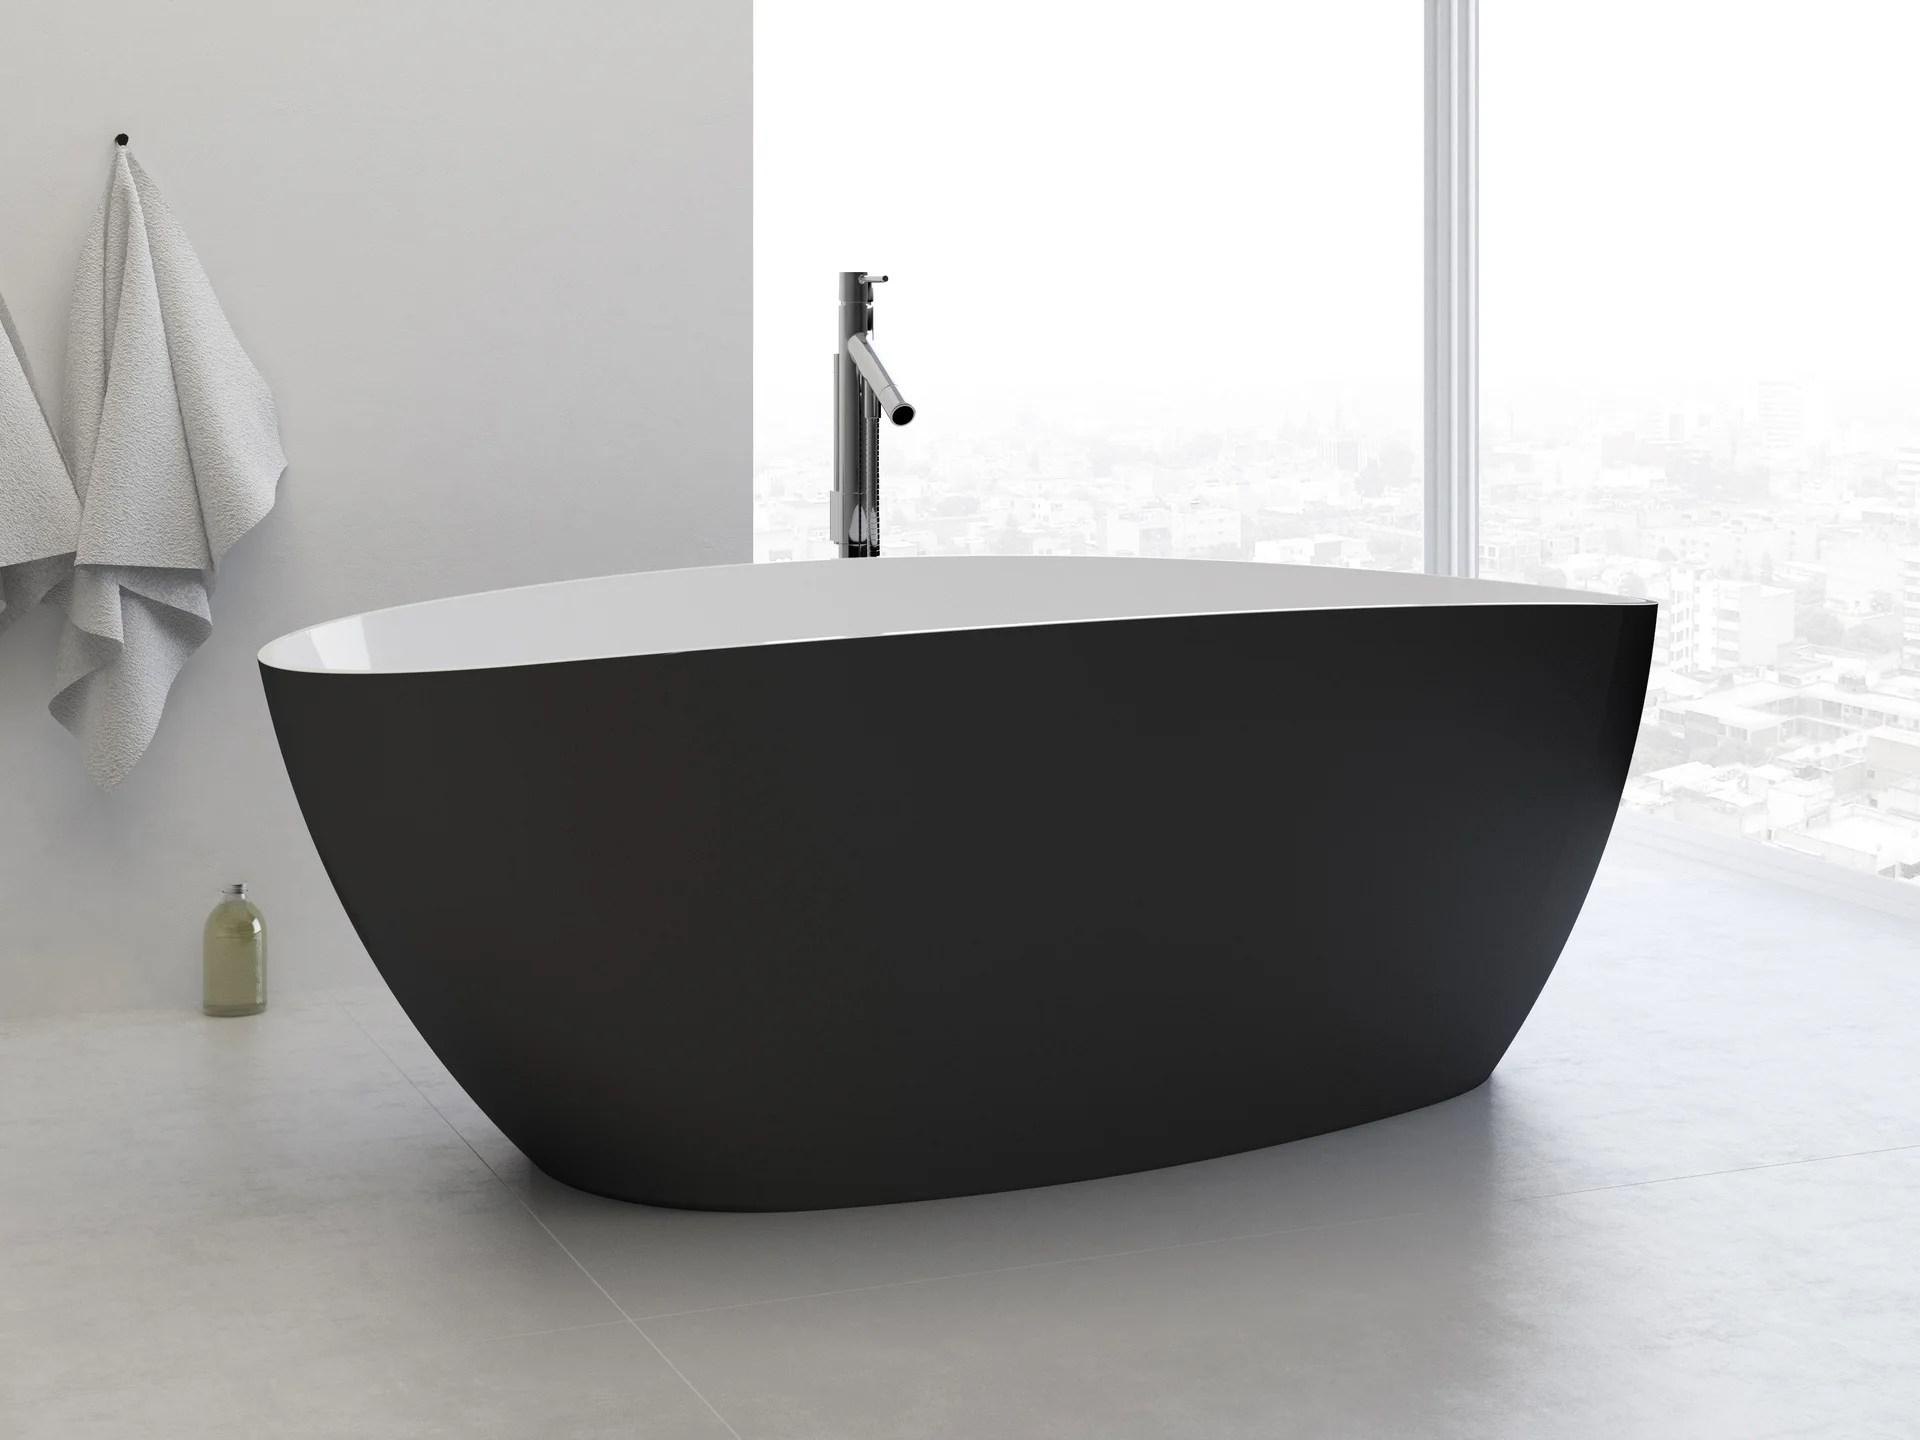 baignoire ilot l 71 x l 156 cm noir stori